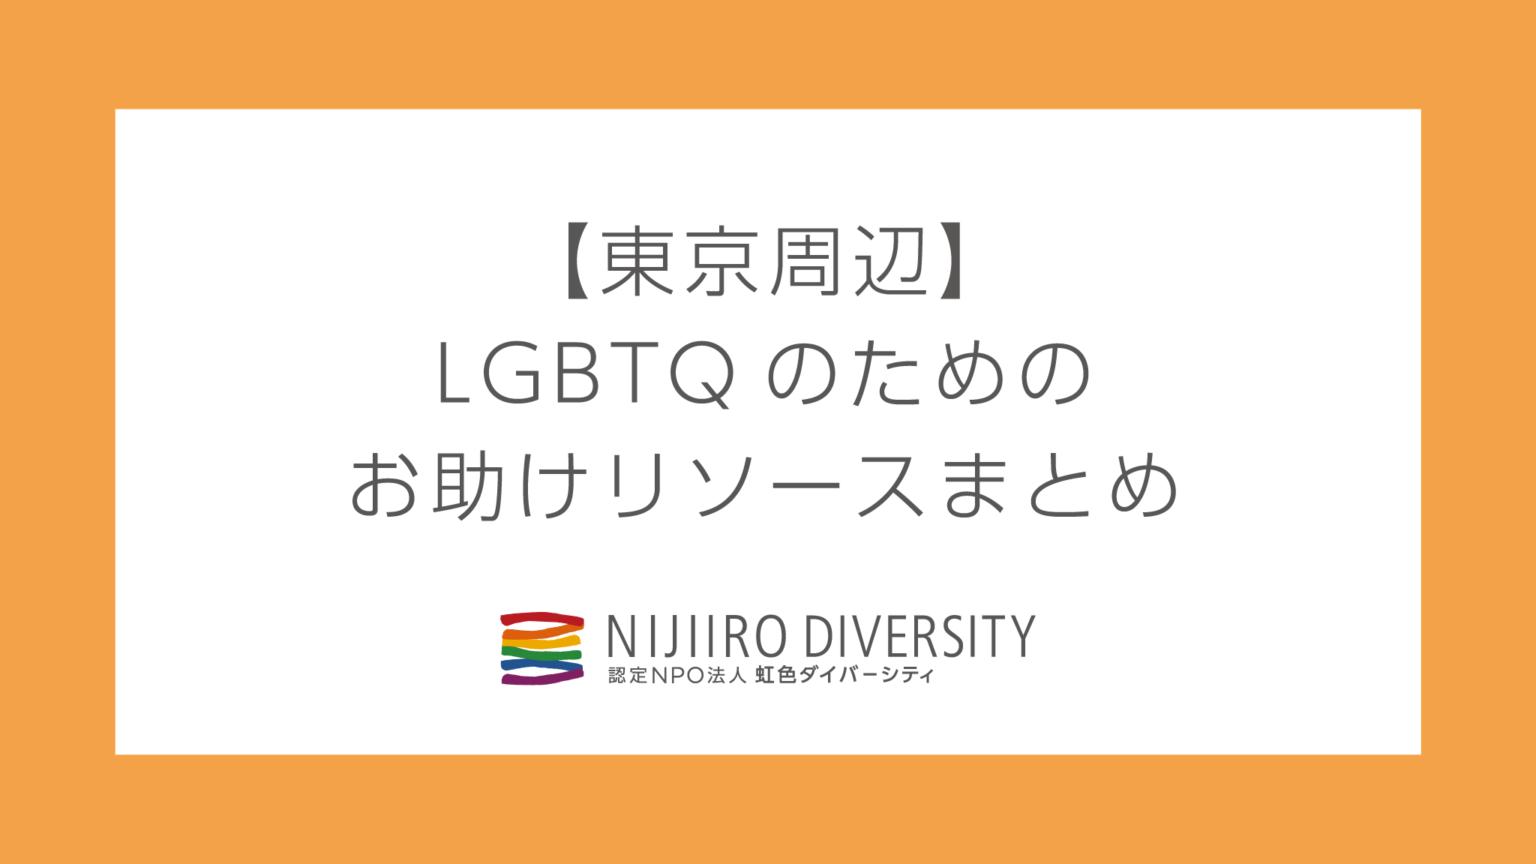 【東京周辺】LGBTQのためのお助けリソースまとめ